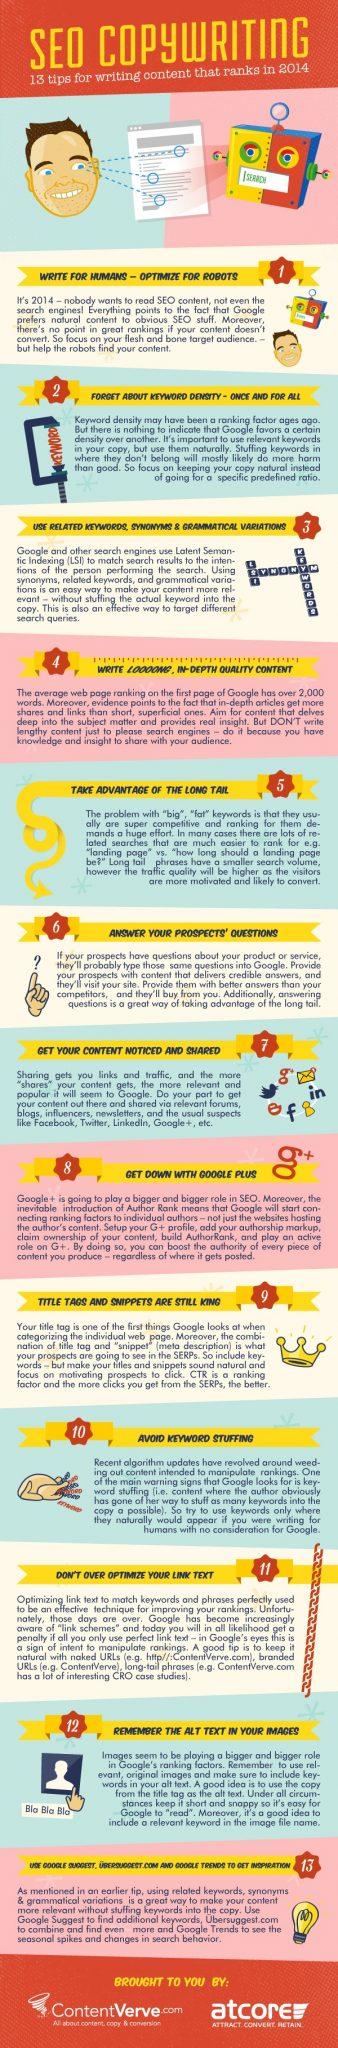 SEO copywriting | Hoe schrijf je een goede webtekst